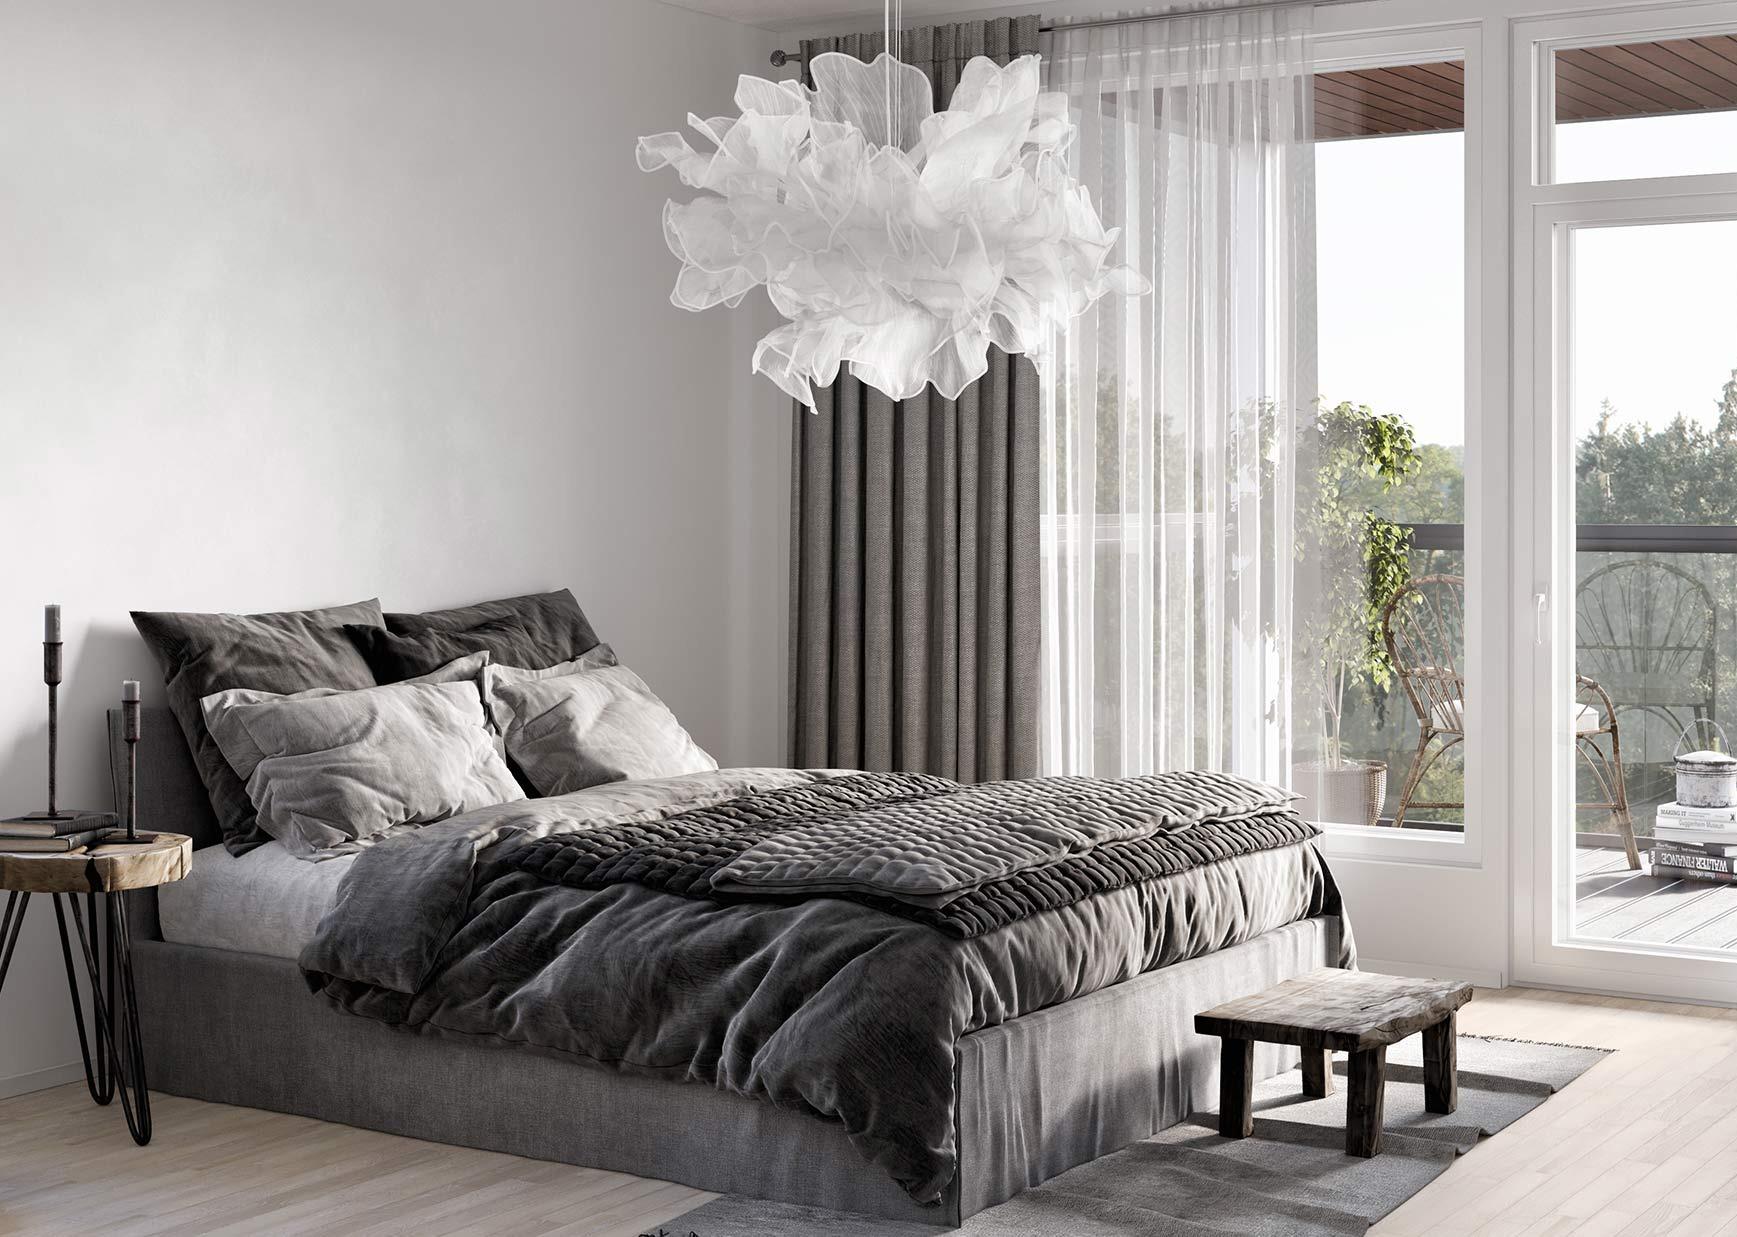 Westpro_VillaVelvet_Soukanniemi_Espoo_interior_4_6_bedroom_tz9-1